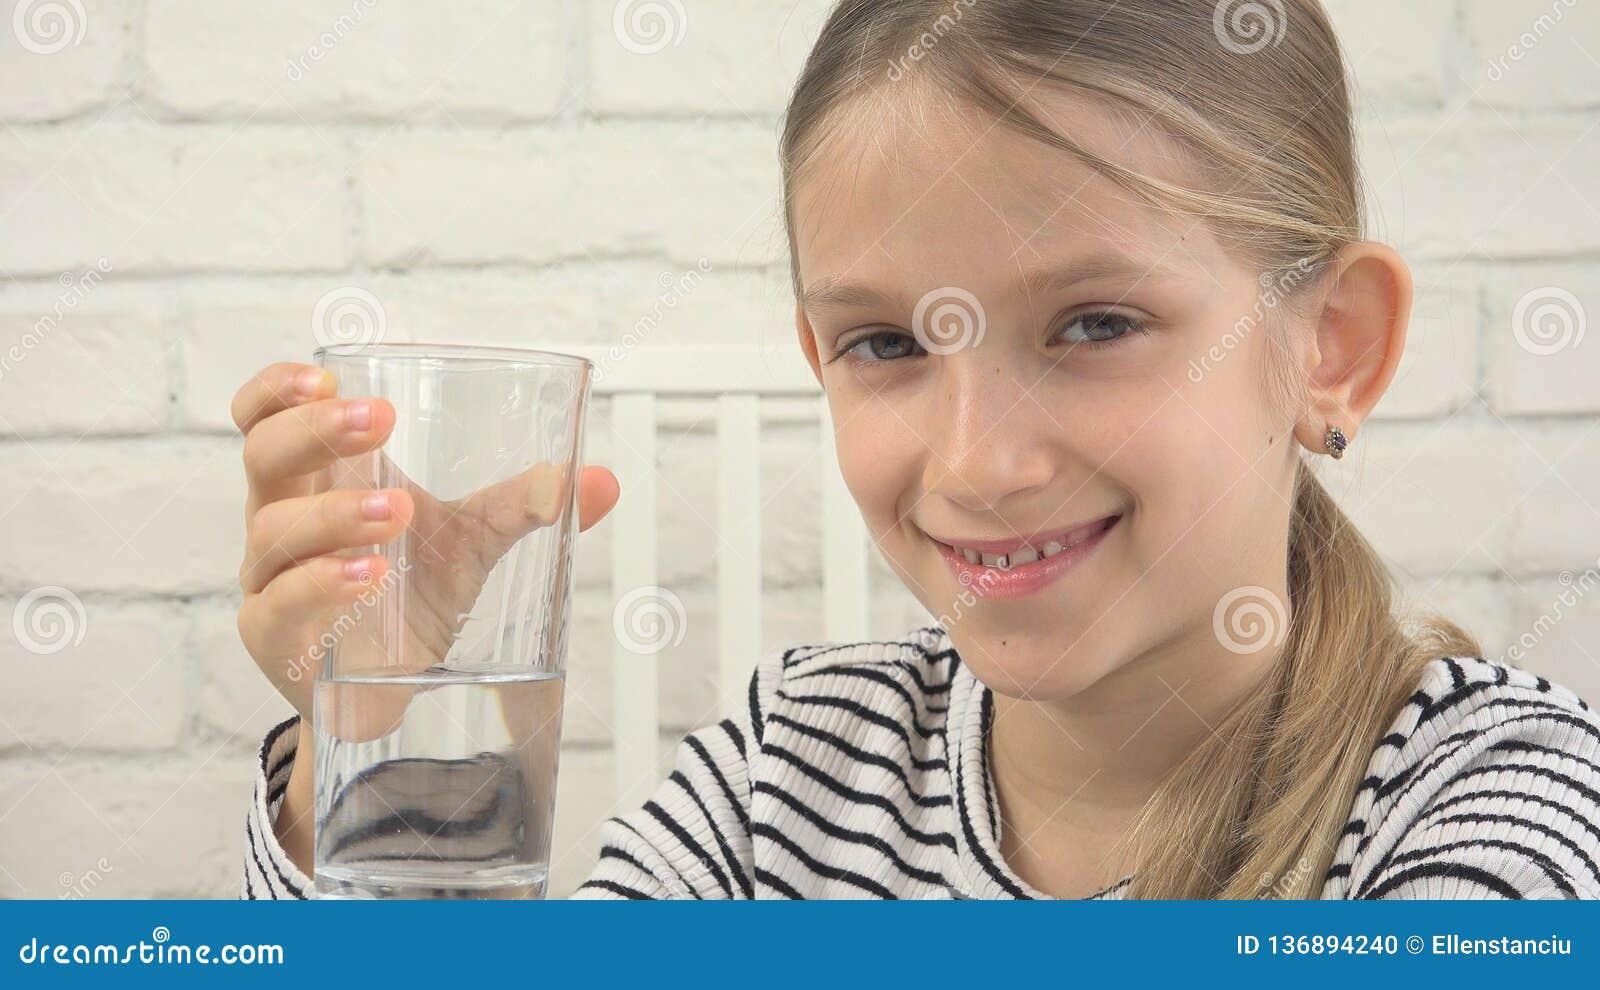 Питьевая вода ребенка, испытывающий жажду ребенк изучая стекло свежей воды, девушки в кухне